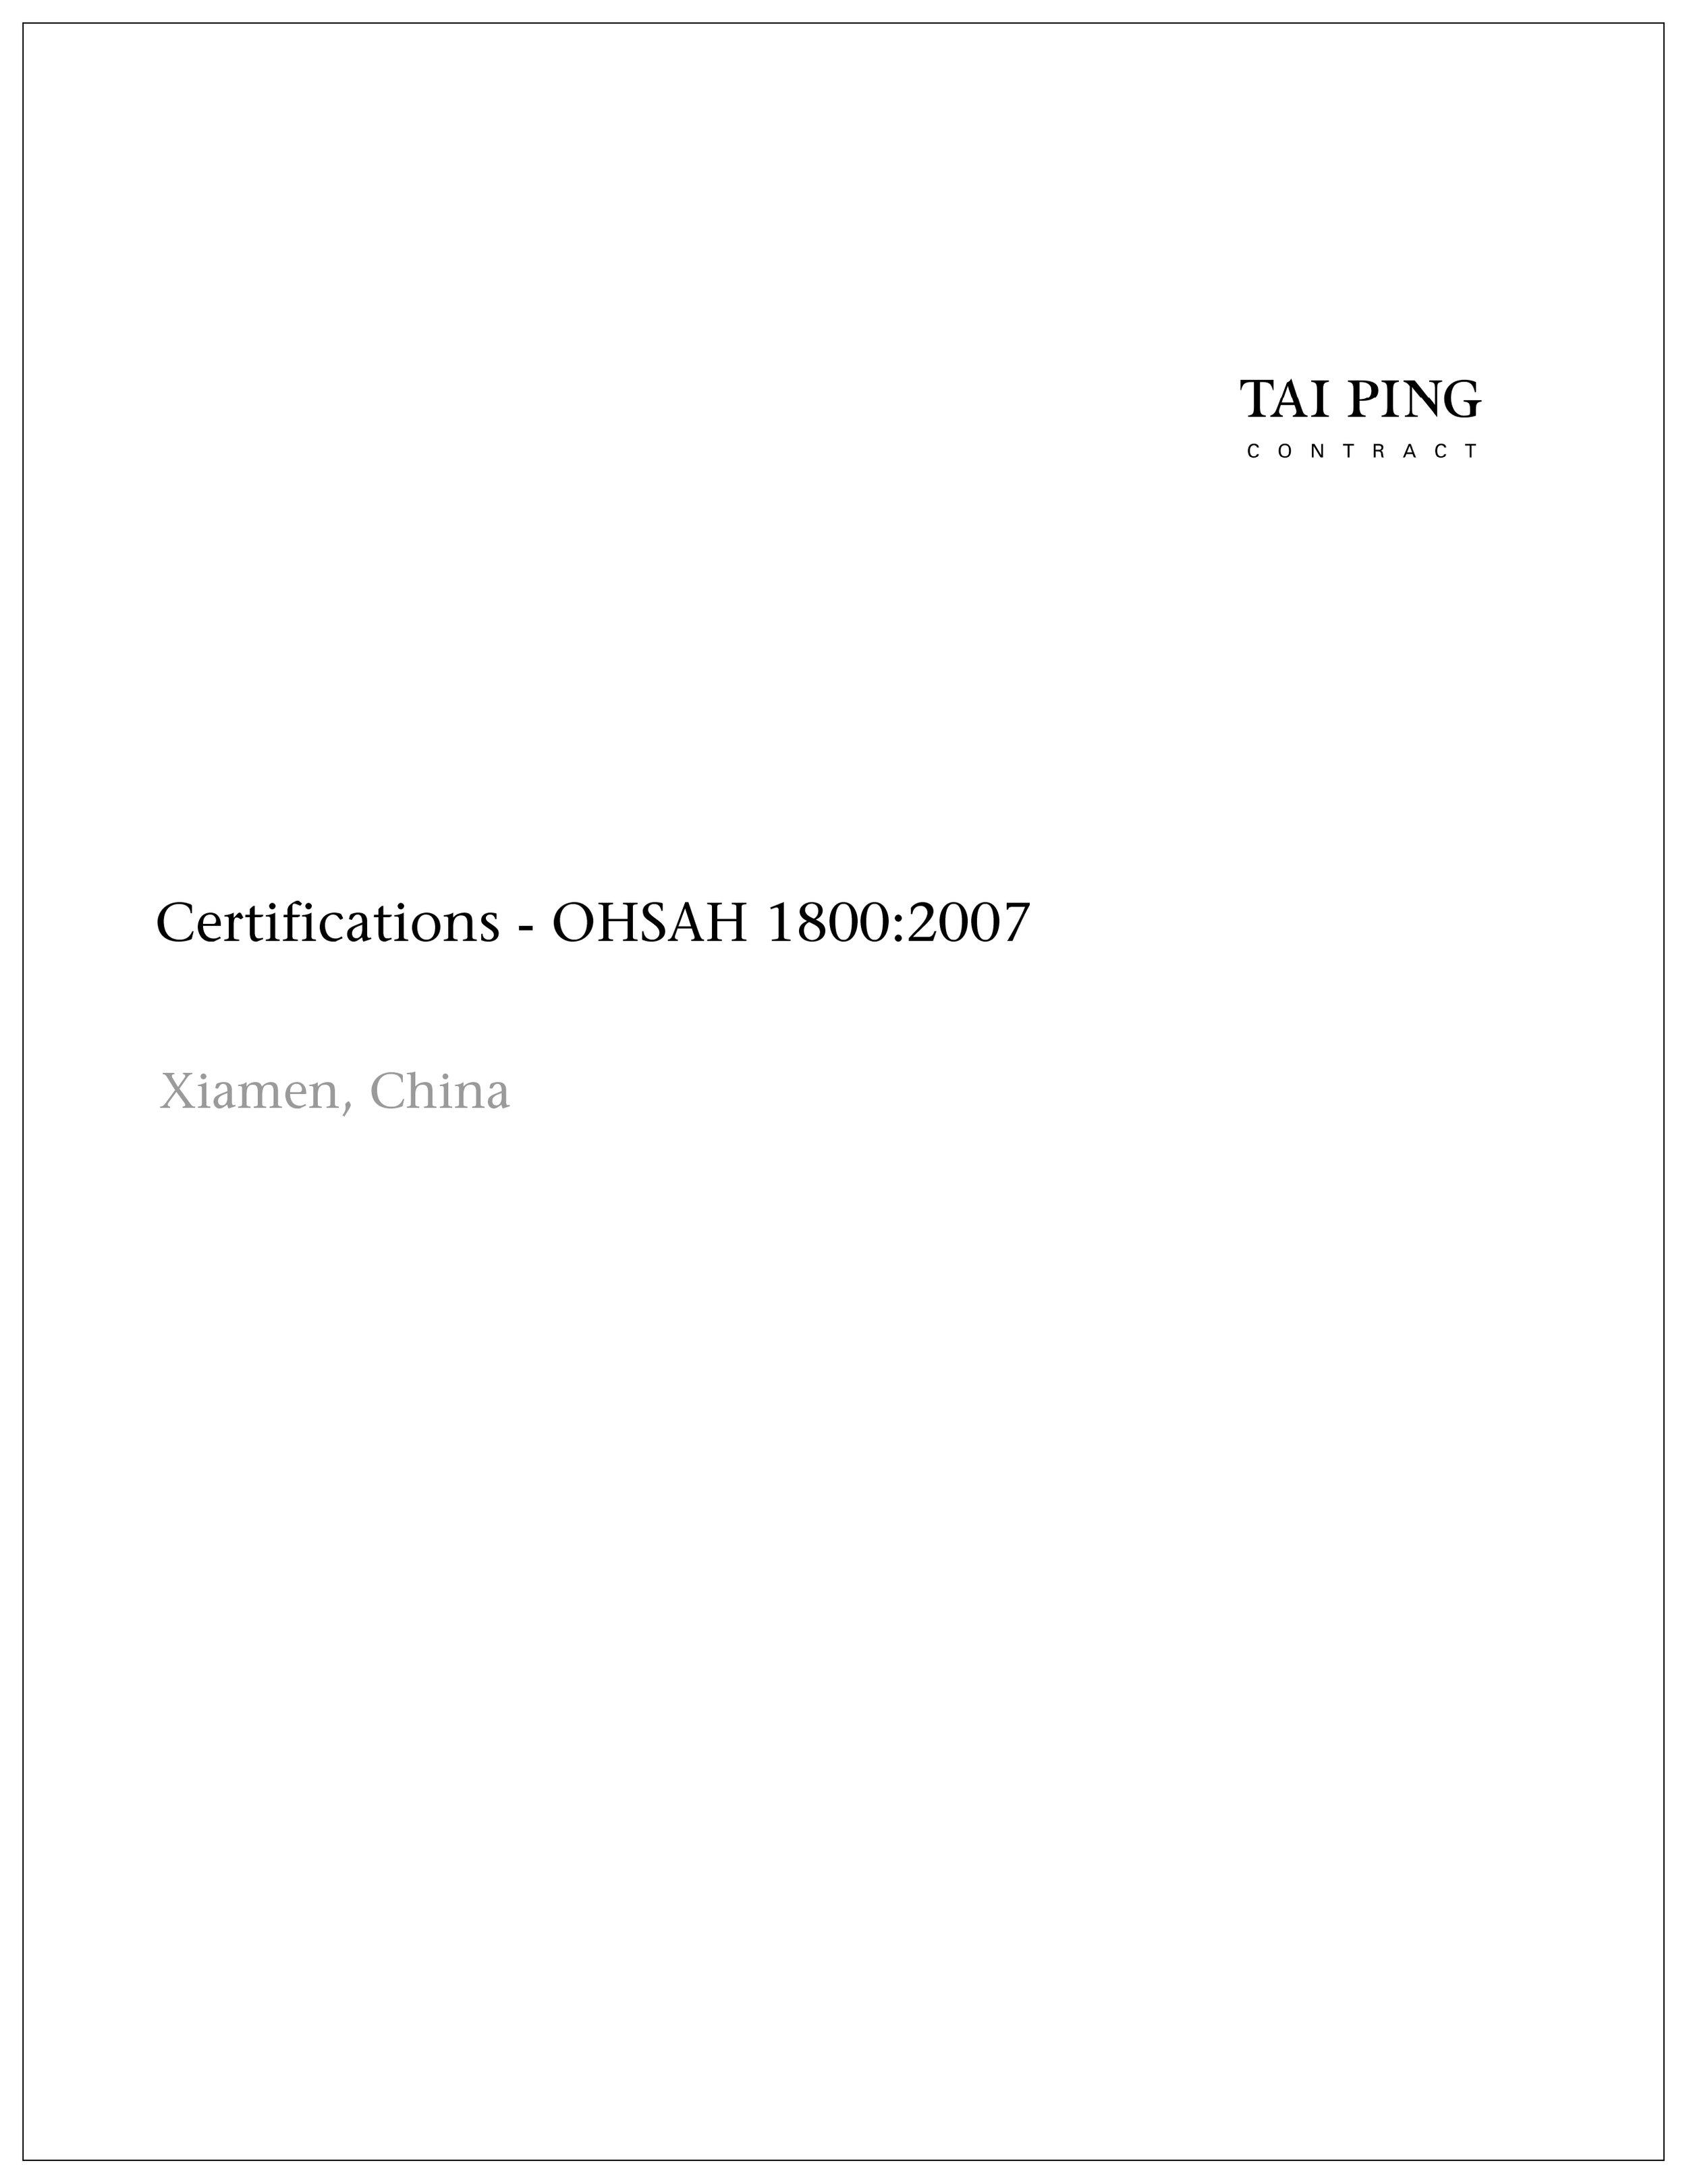 OSHAH 18001: 2007